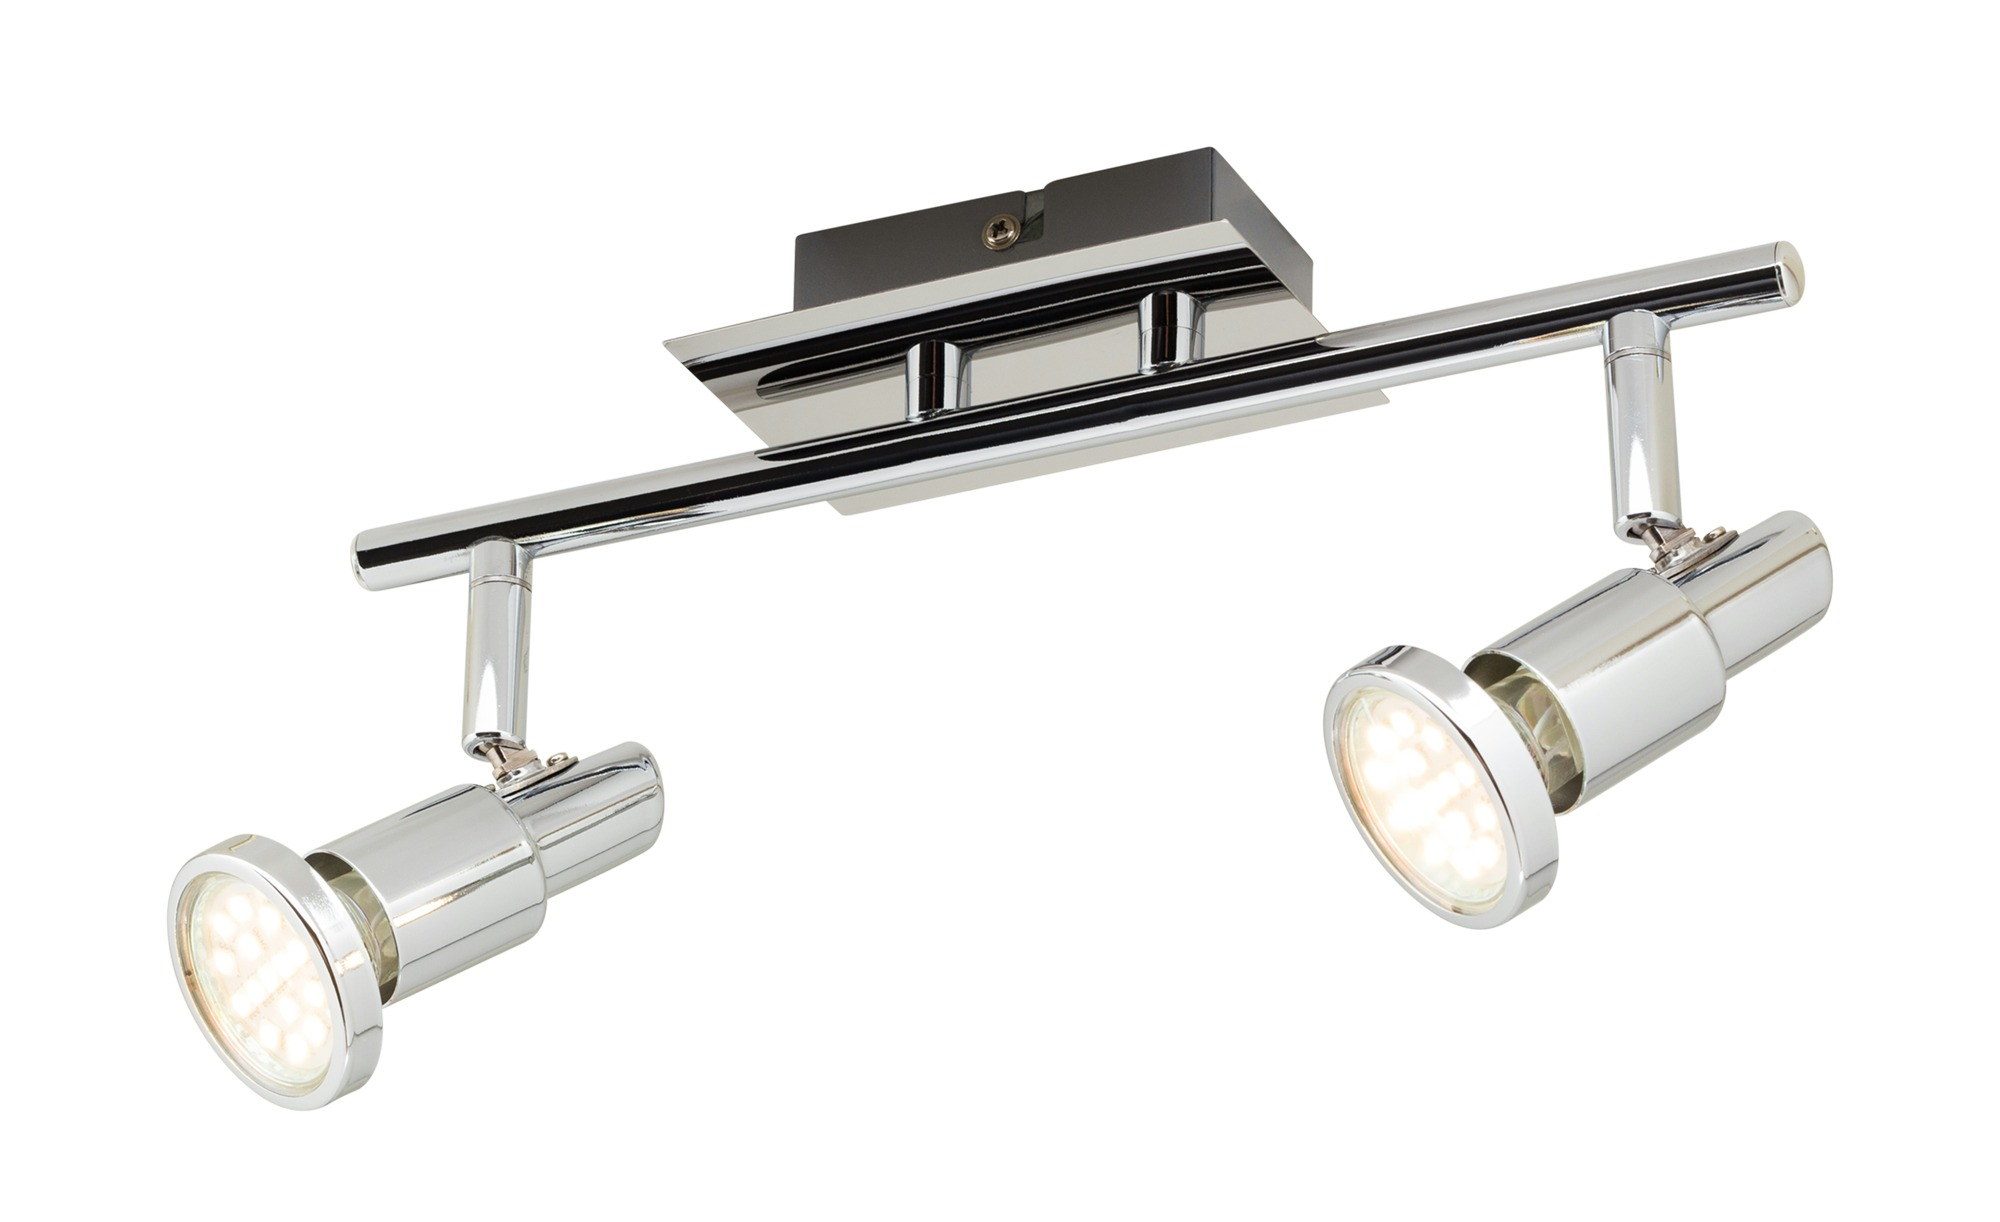 Deckenlampe Led Strahler Spot Birne Wechseln Deckenlampe